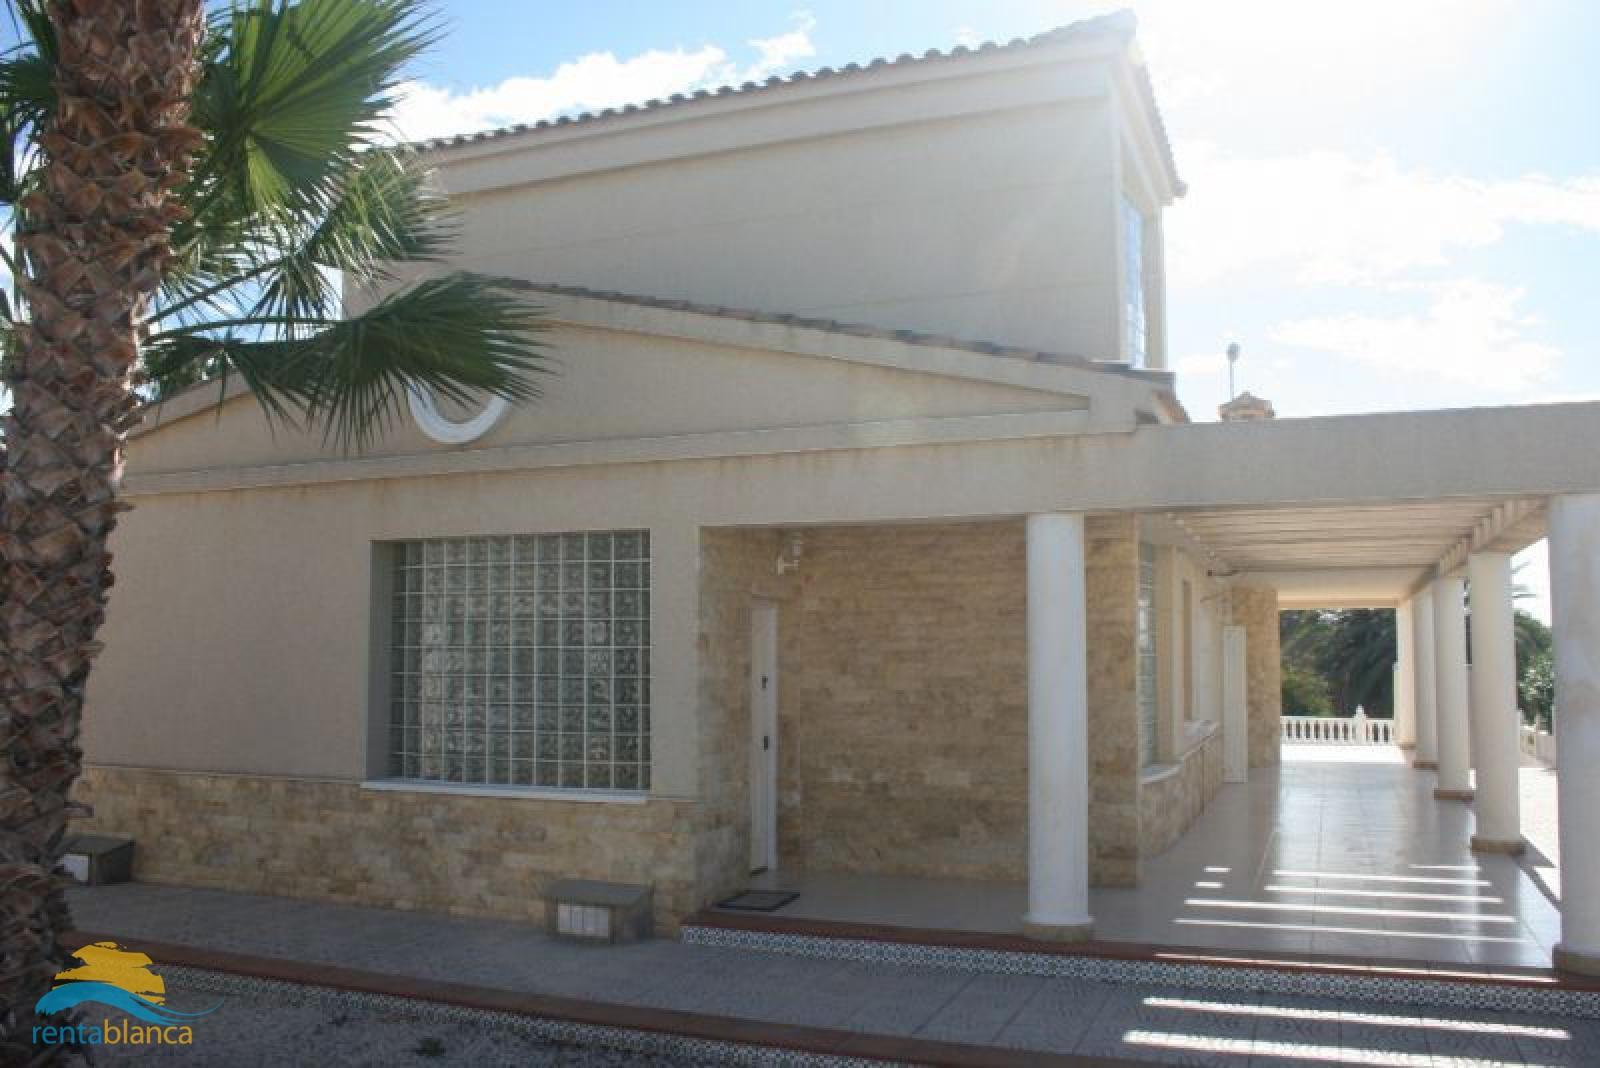 Spacious villa Lo Pepin - Ciudad Quesada - Rentablanca